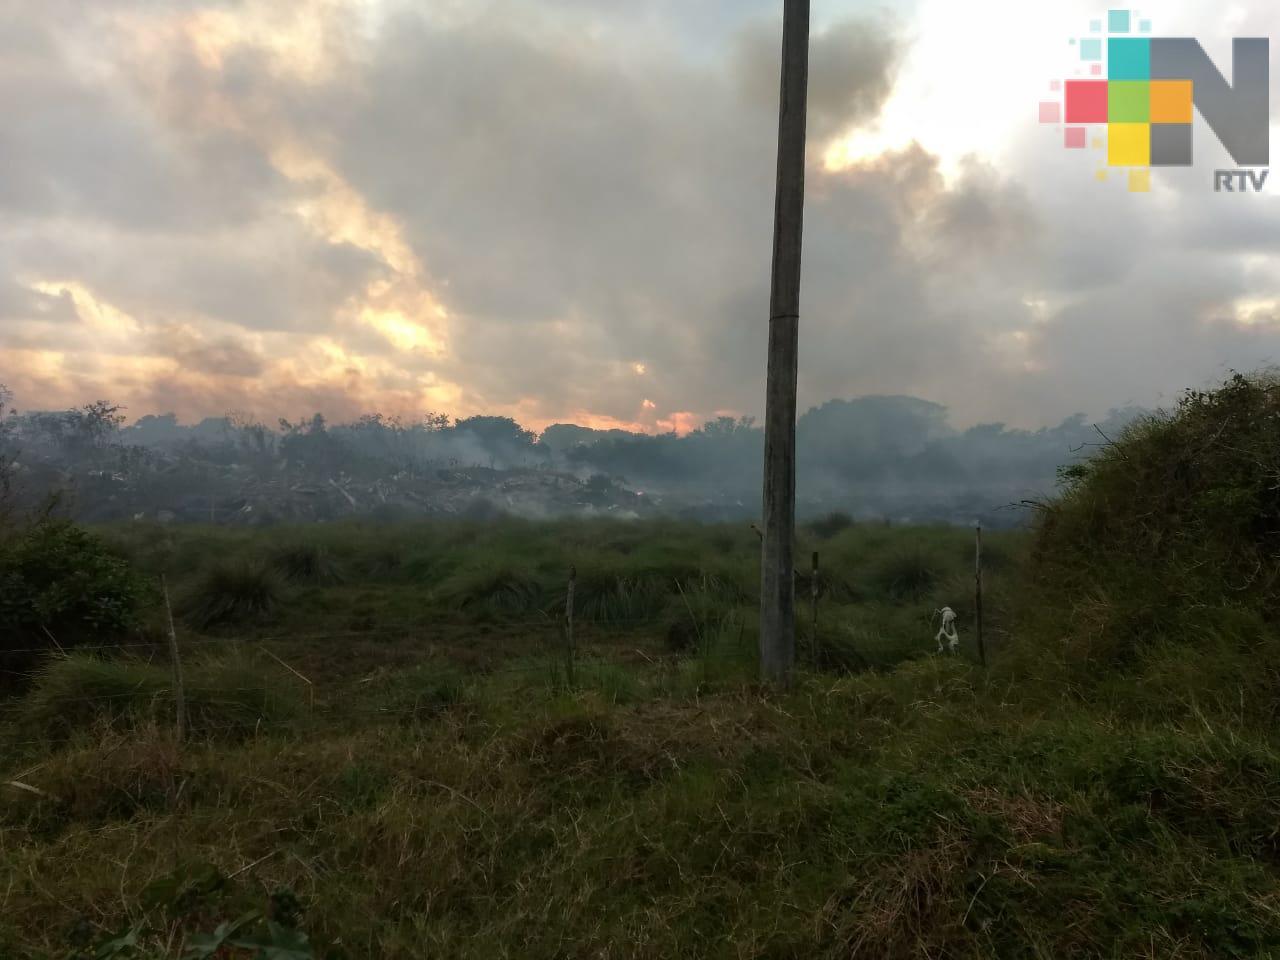 Incendio consume dos hectáreas de pastizal en Medellín de Bravo